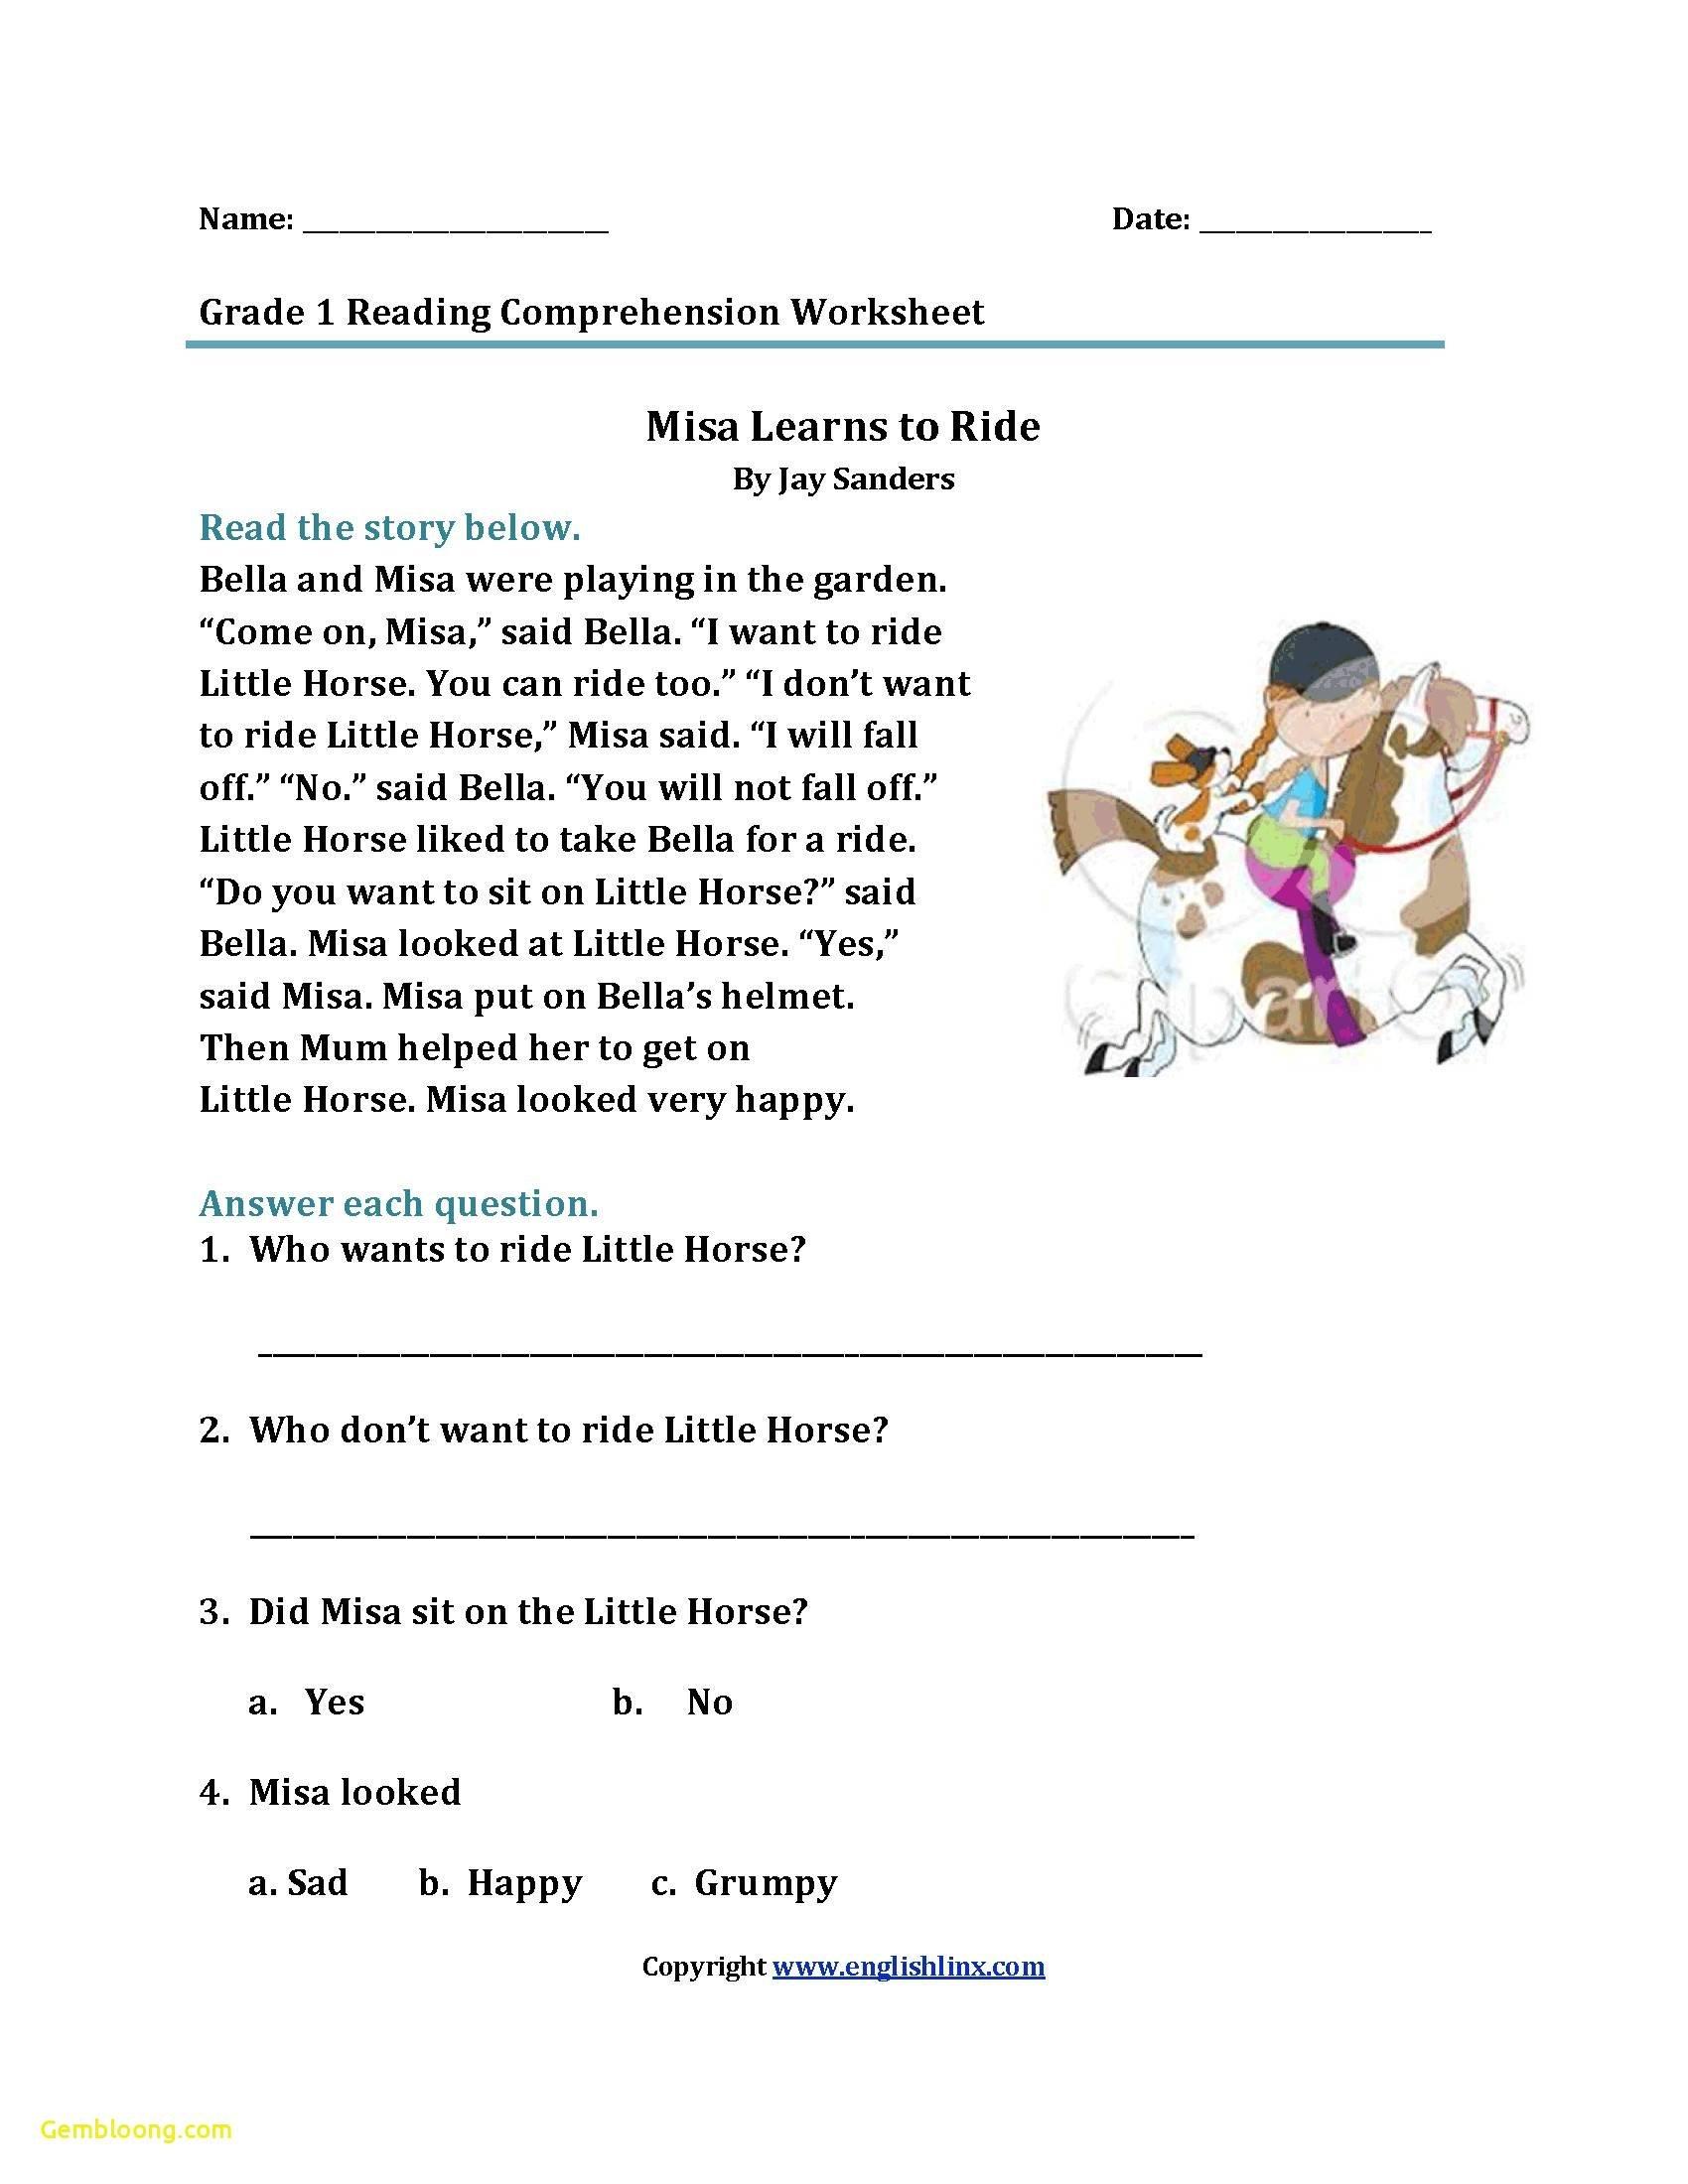 Level 4 Reading Comprehension Worksheets